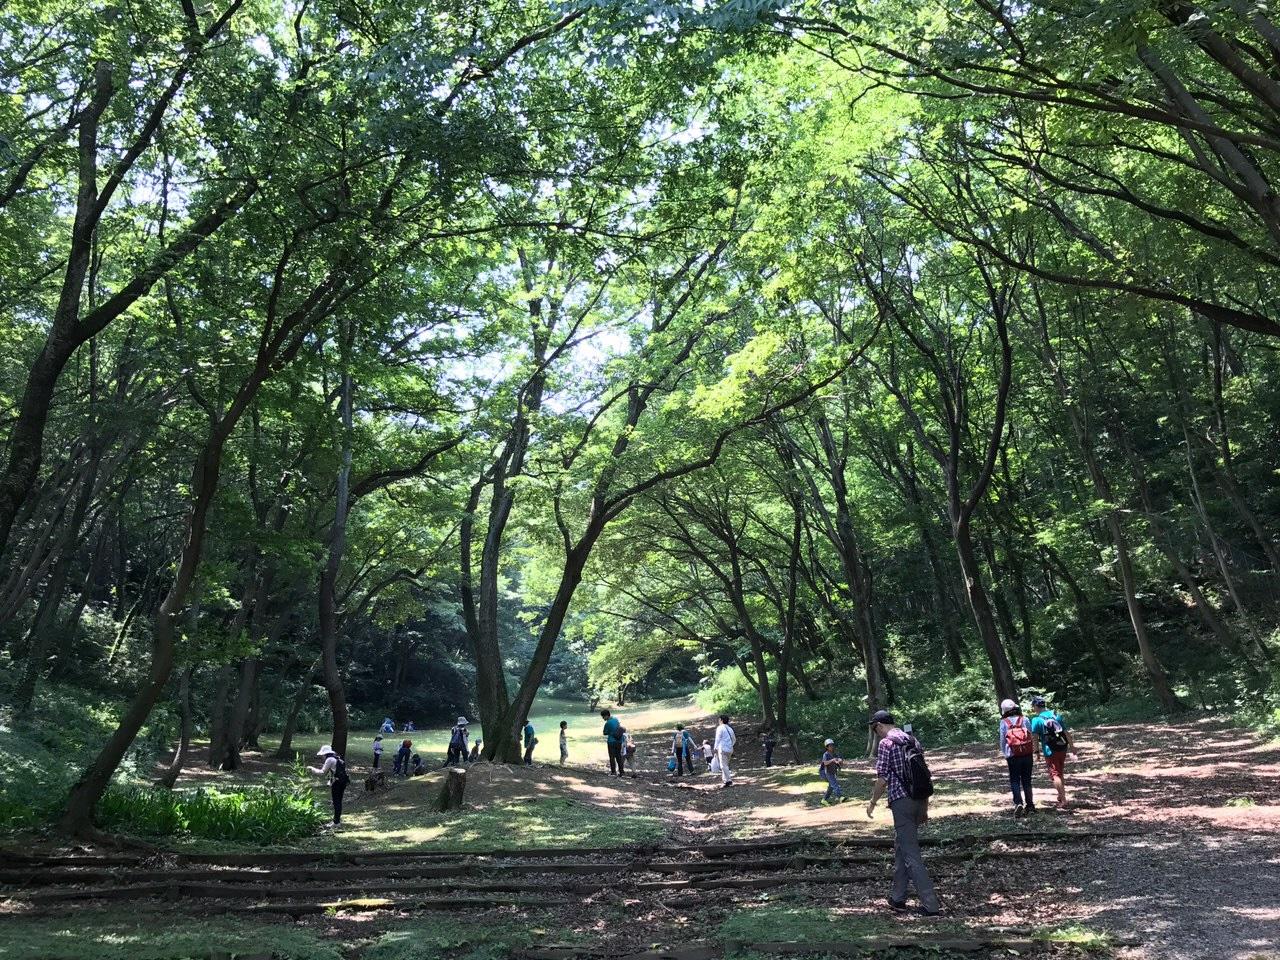 城山公園のオススメ風景(体験学習館南の池付近)です